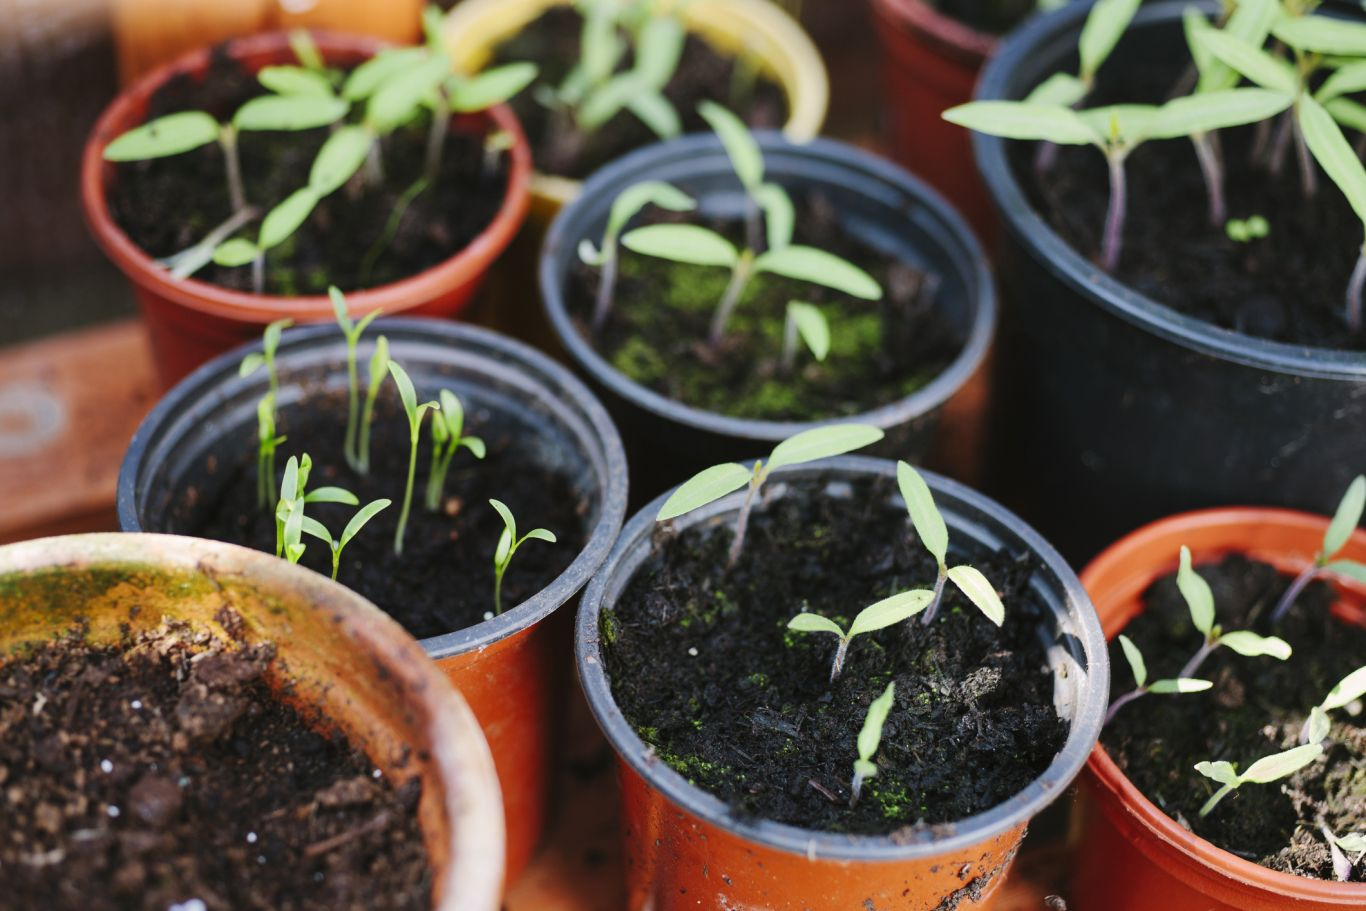 vasos com mudas de plantas